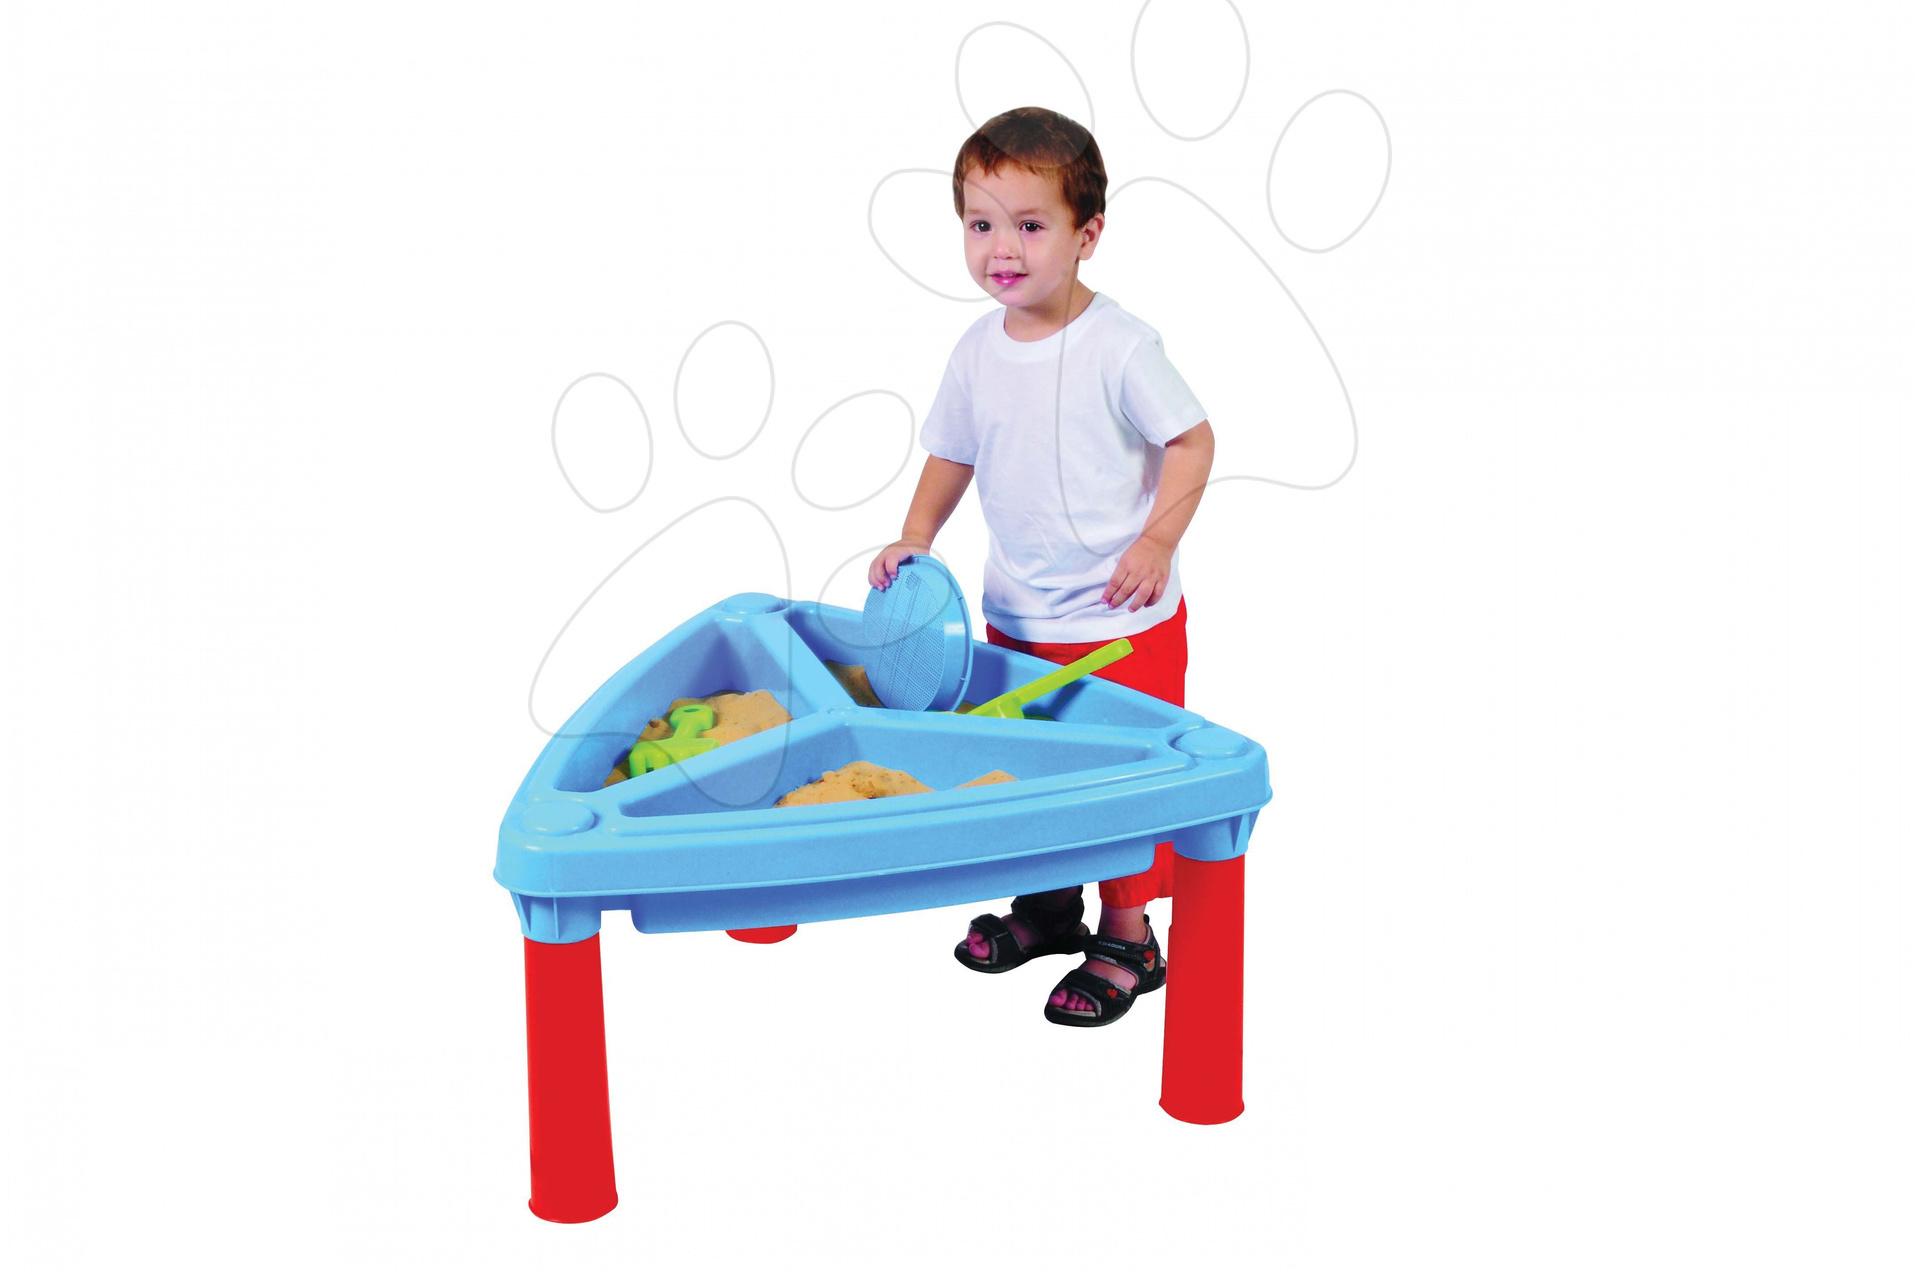 Detský záhradný nábytok - Stôl na hranie Starplast s pieskom a s vodou trojkomorový s krytom